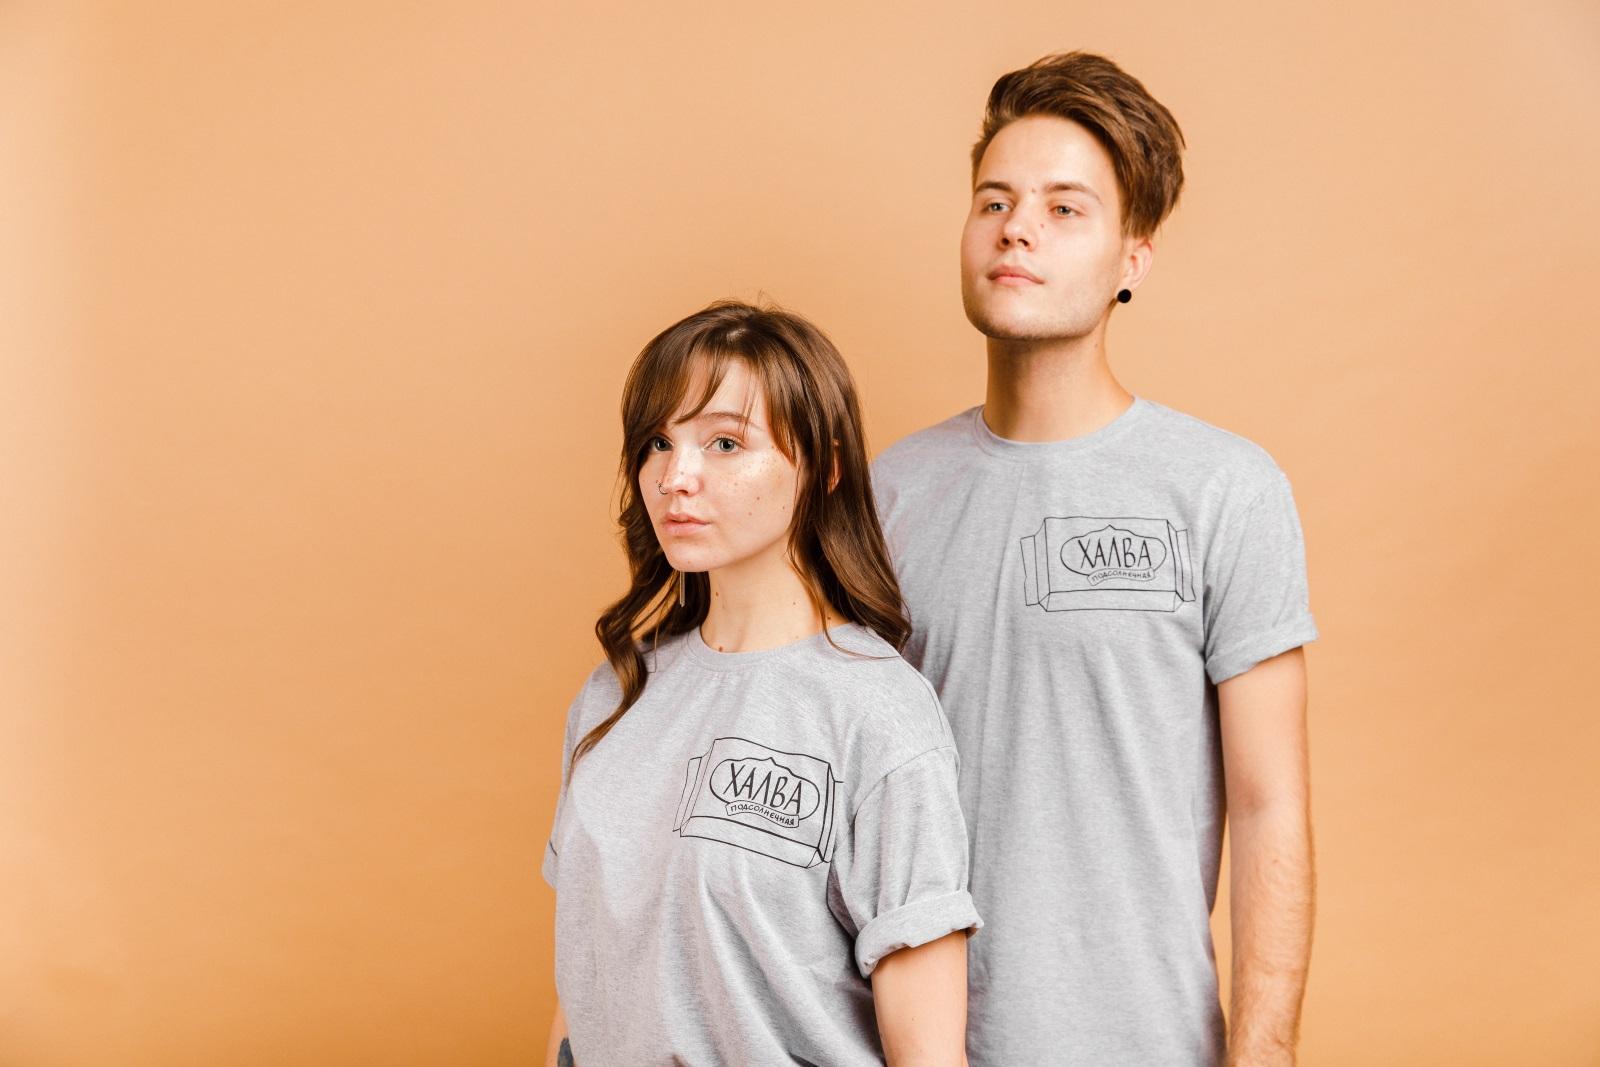 Серая меланж футболка нищее веган выживание, купить в интернет-магазине   vegansurvive.com